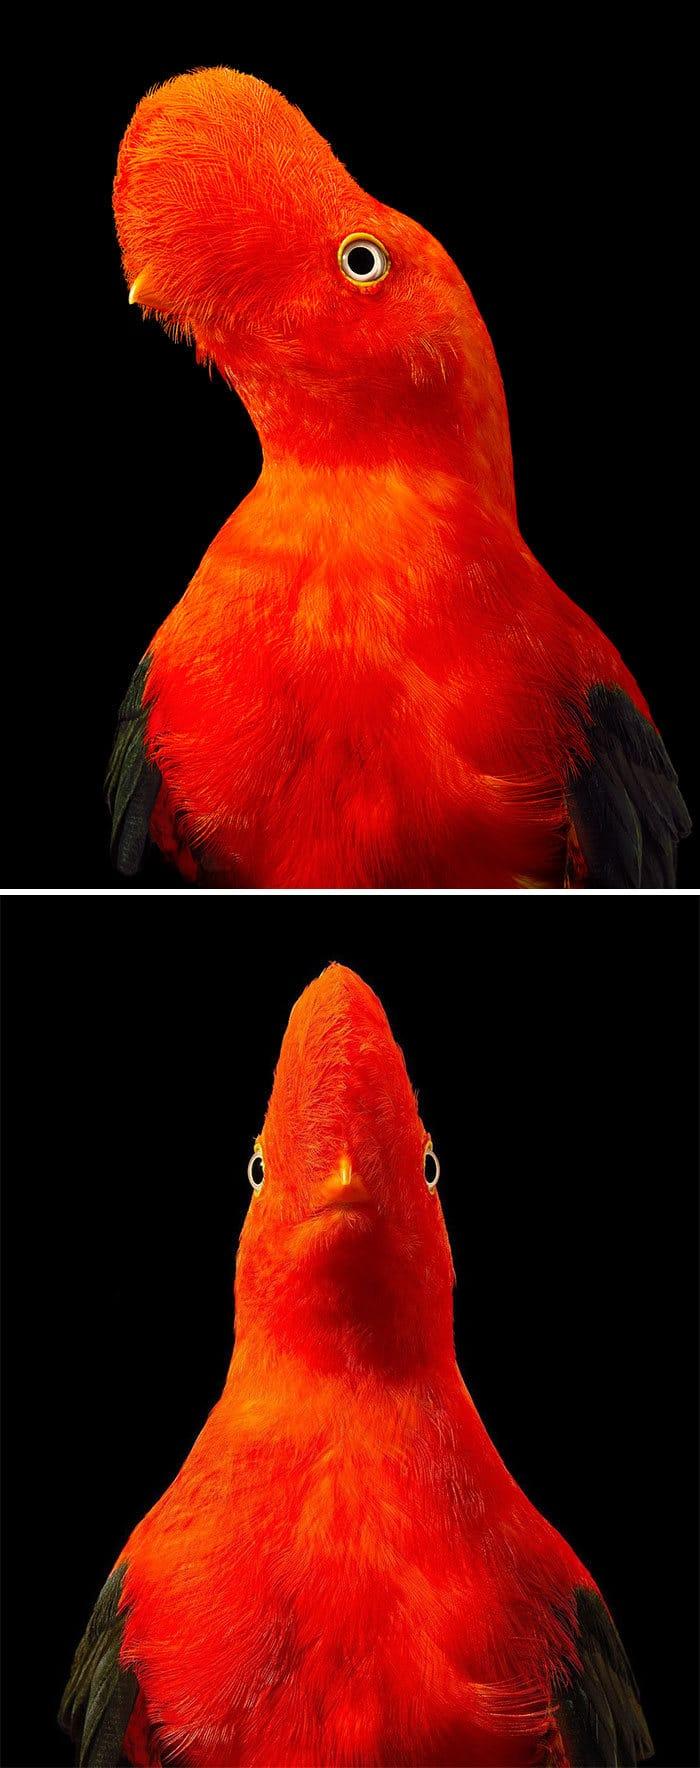 O fotógrafo tira retratos de pássaros e os resultados são sublimes 22